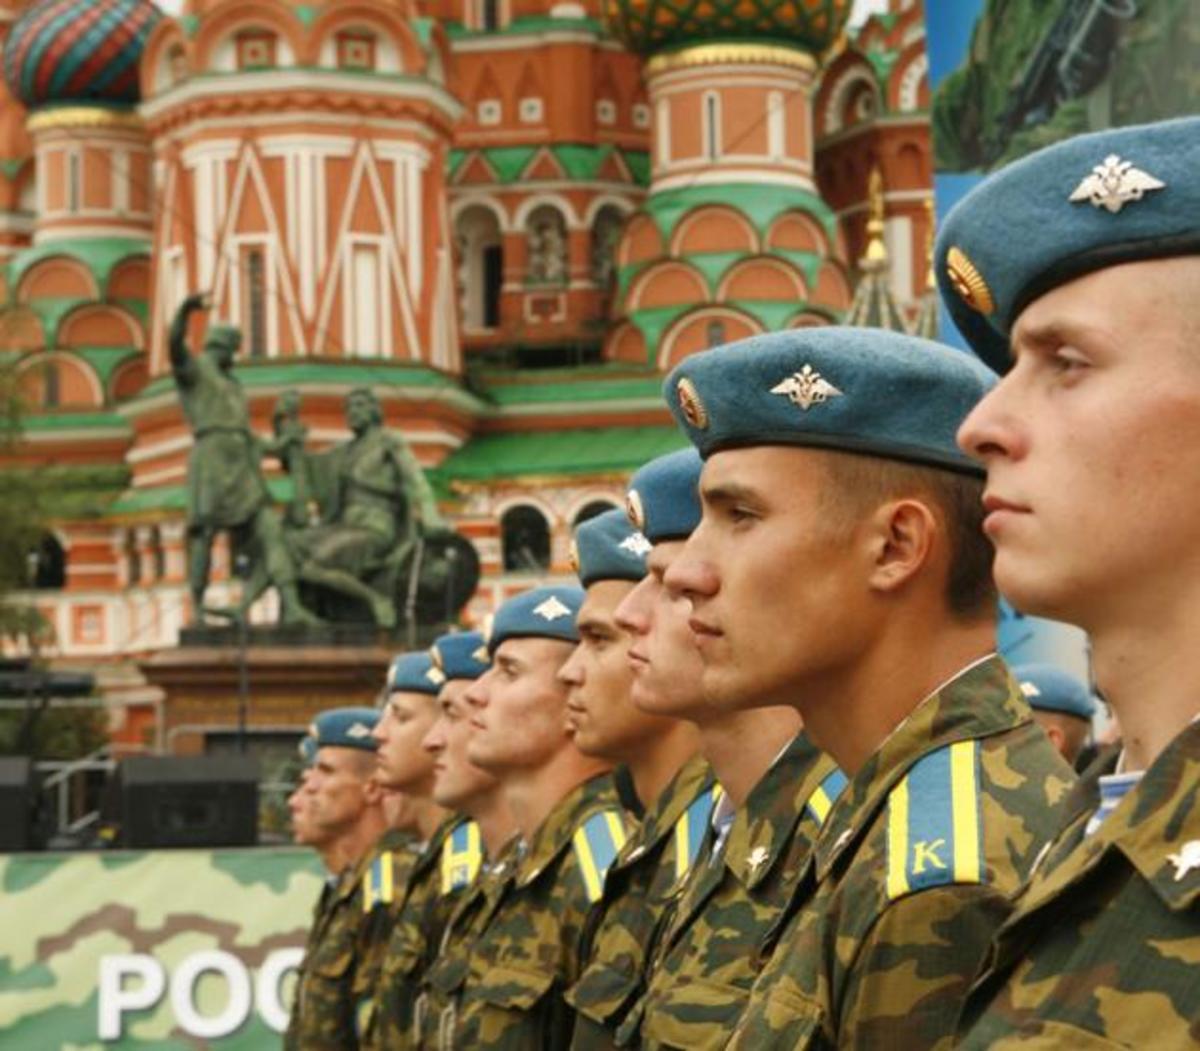 Γιατί η Ρωσία κινητοποίησε ξαφνικά μια ολόκληρη μεραρχία | Newsit.gr